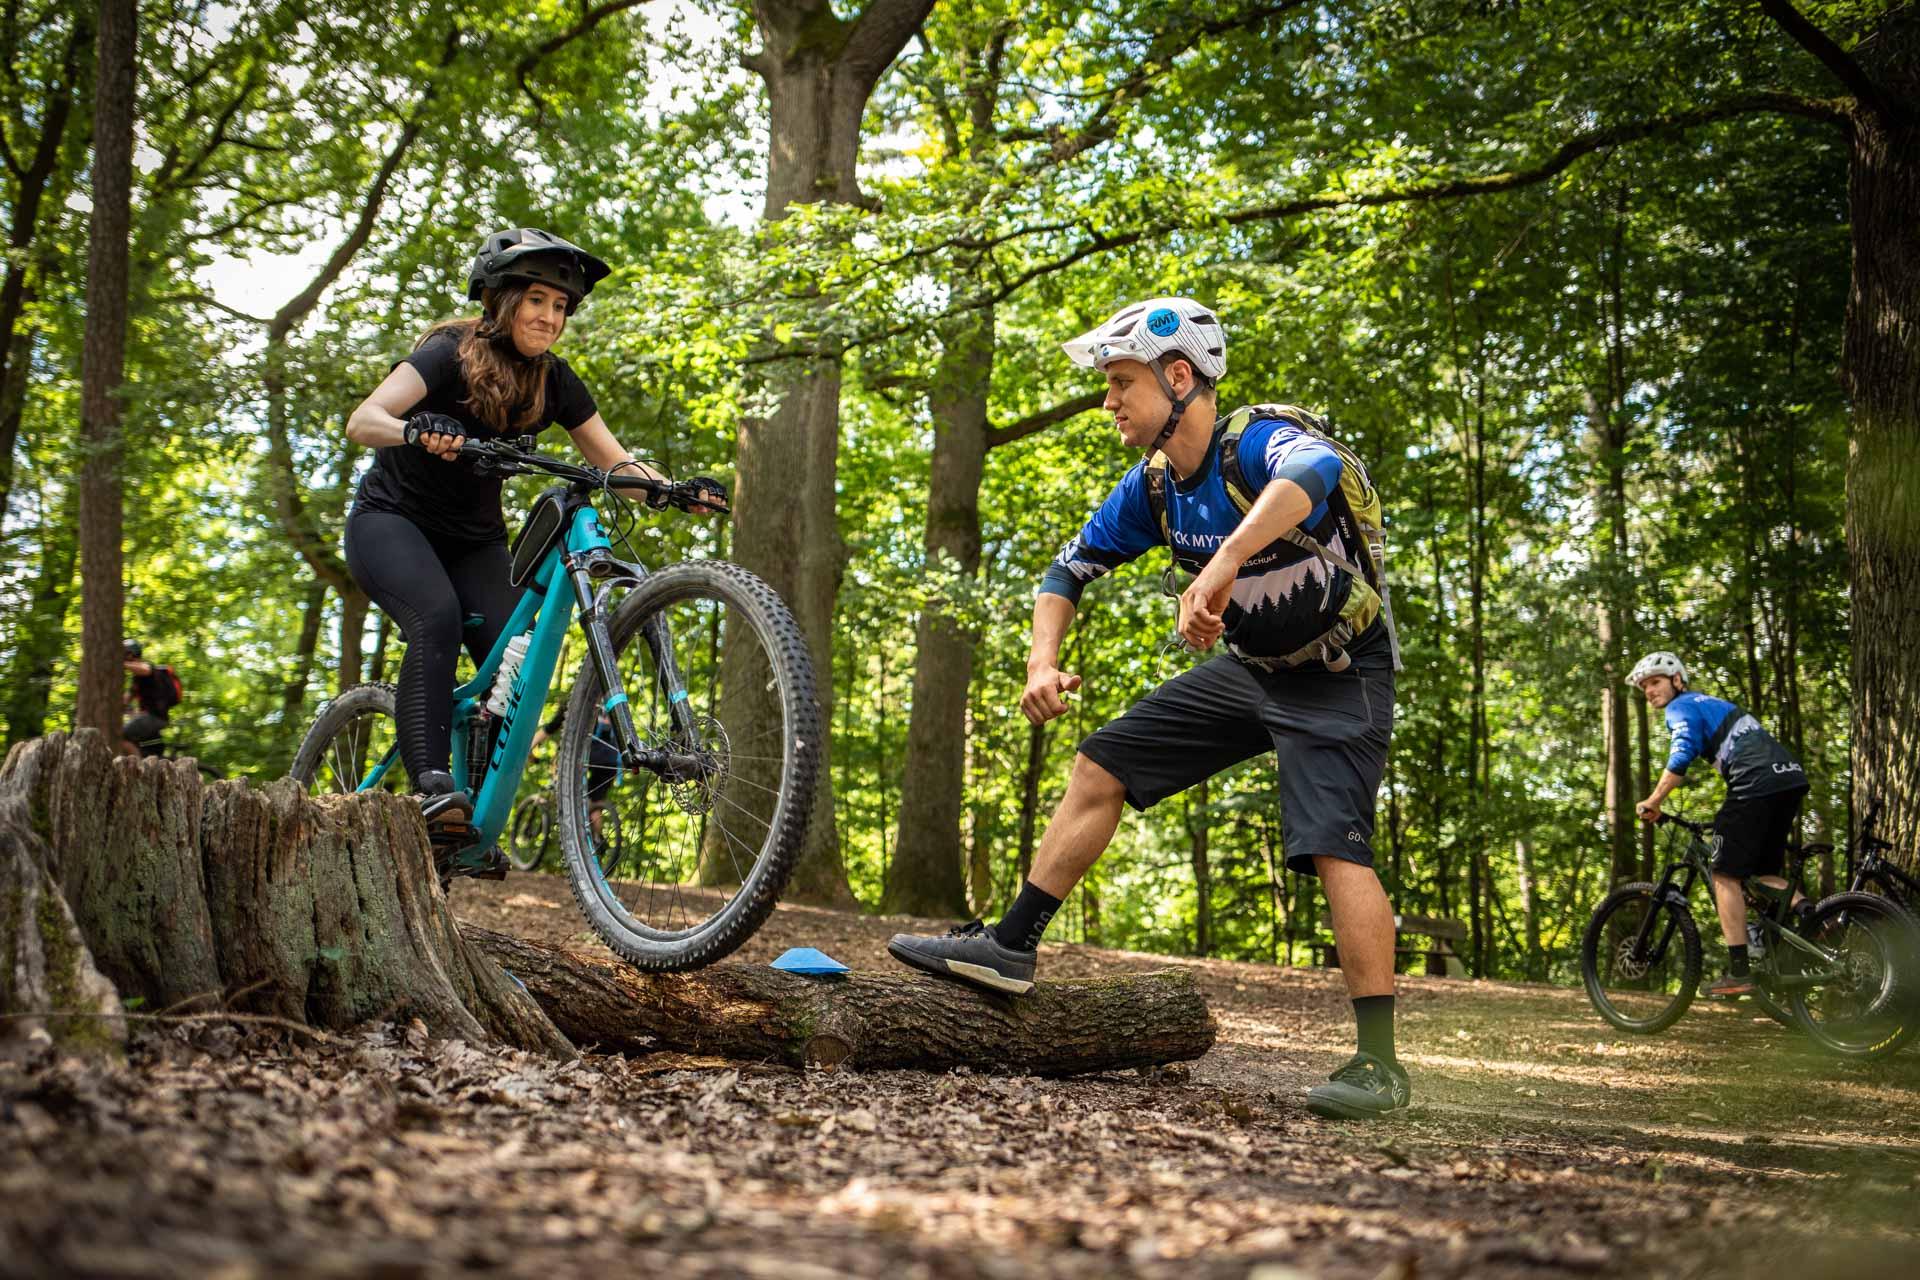 MTB Fahrtechnik Kurs für Einsteiger in Karlsruhe - Mountainbike Basic - Rock my Trail Bikeschule